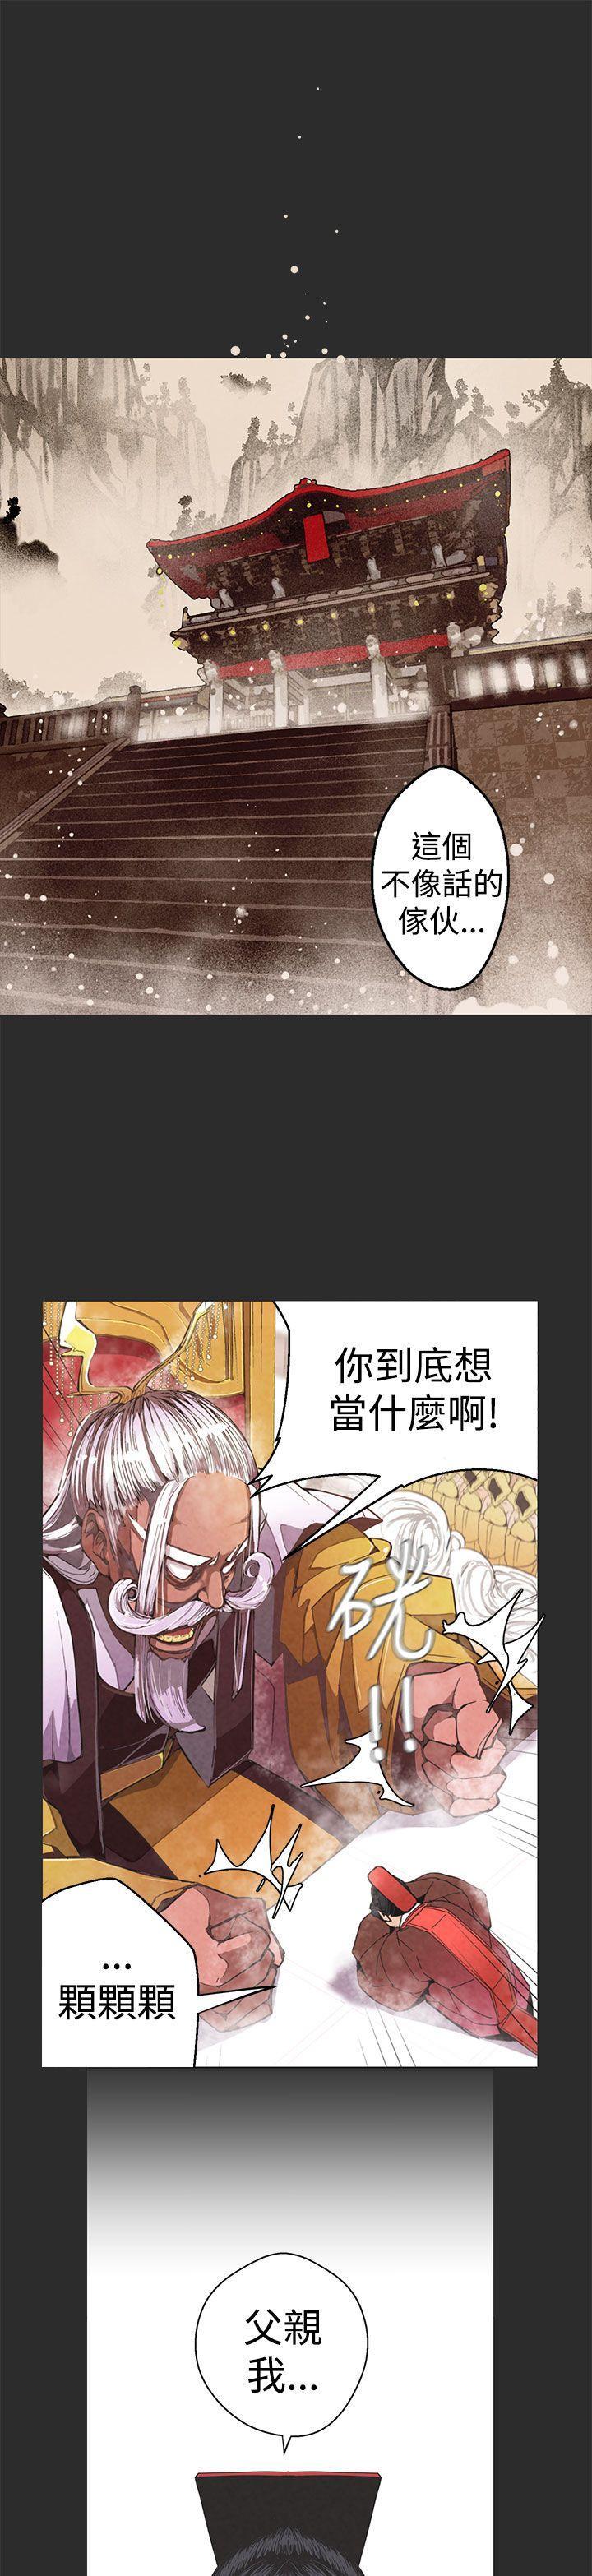 女神狩猎 第1~3話 [Chinese]中文 Harc 75